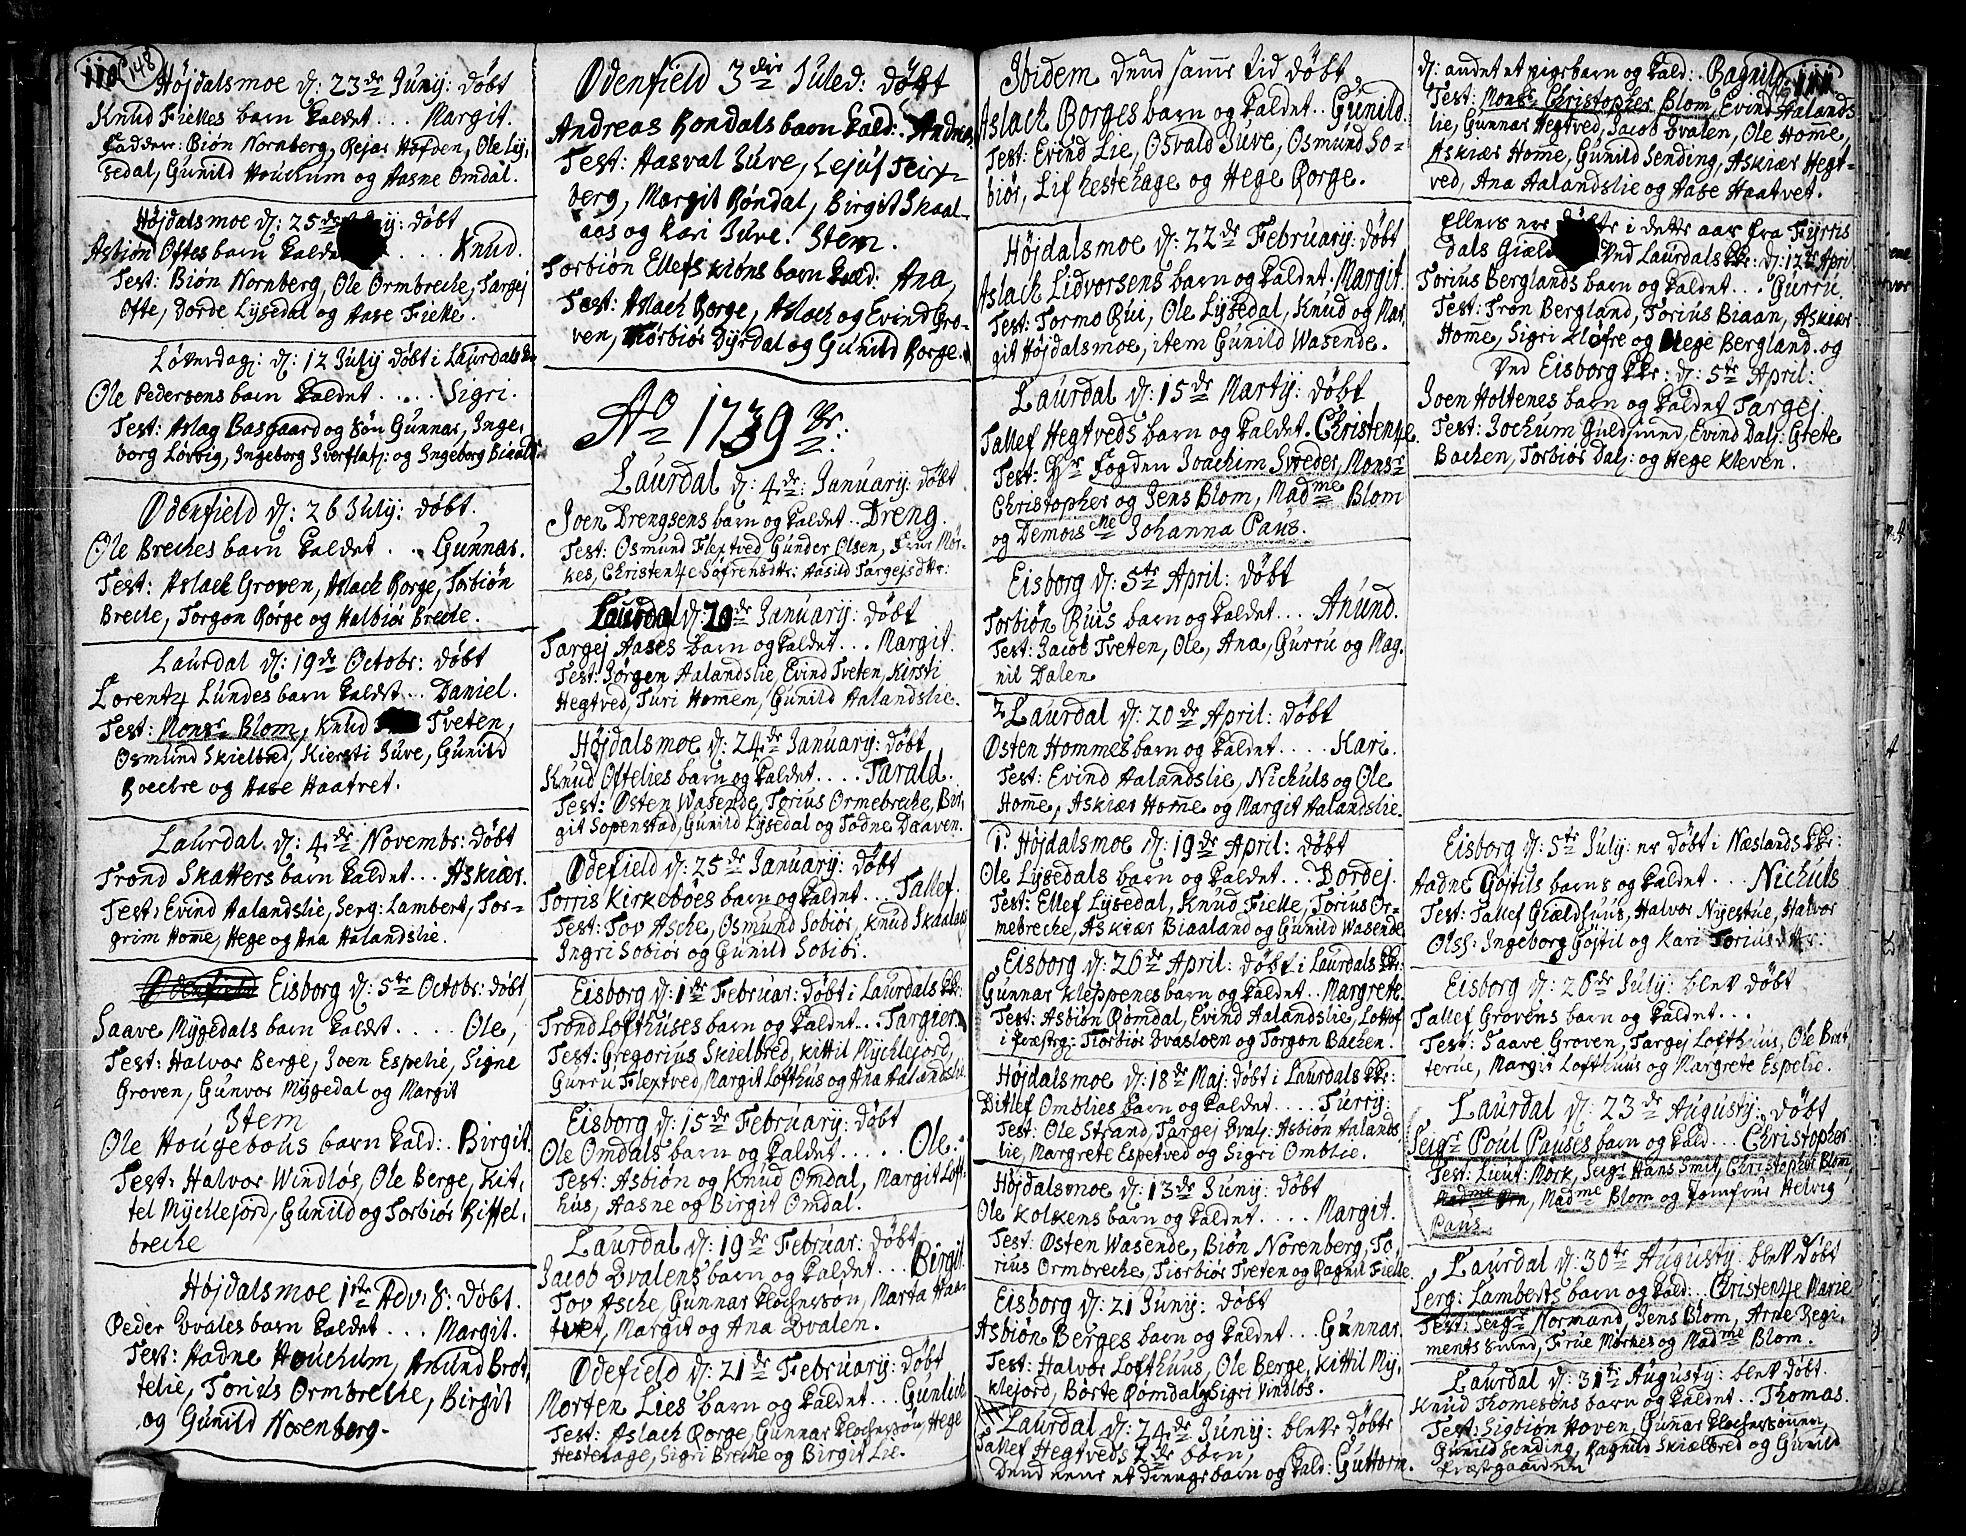 SAKO, Lårdal kirkebøker, F/Fa/L0002: Ministerialbok nr. I 2, 1734-1754, s. 148-149